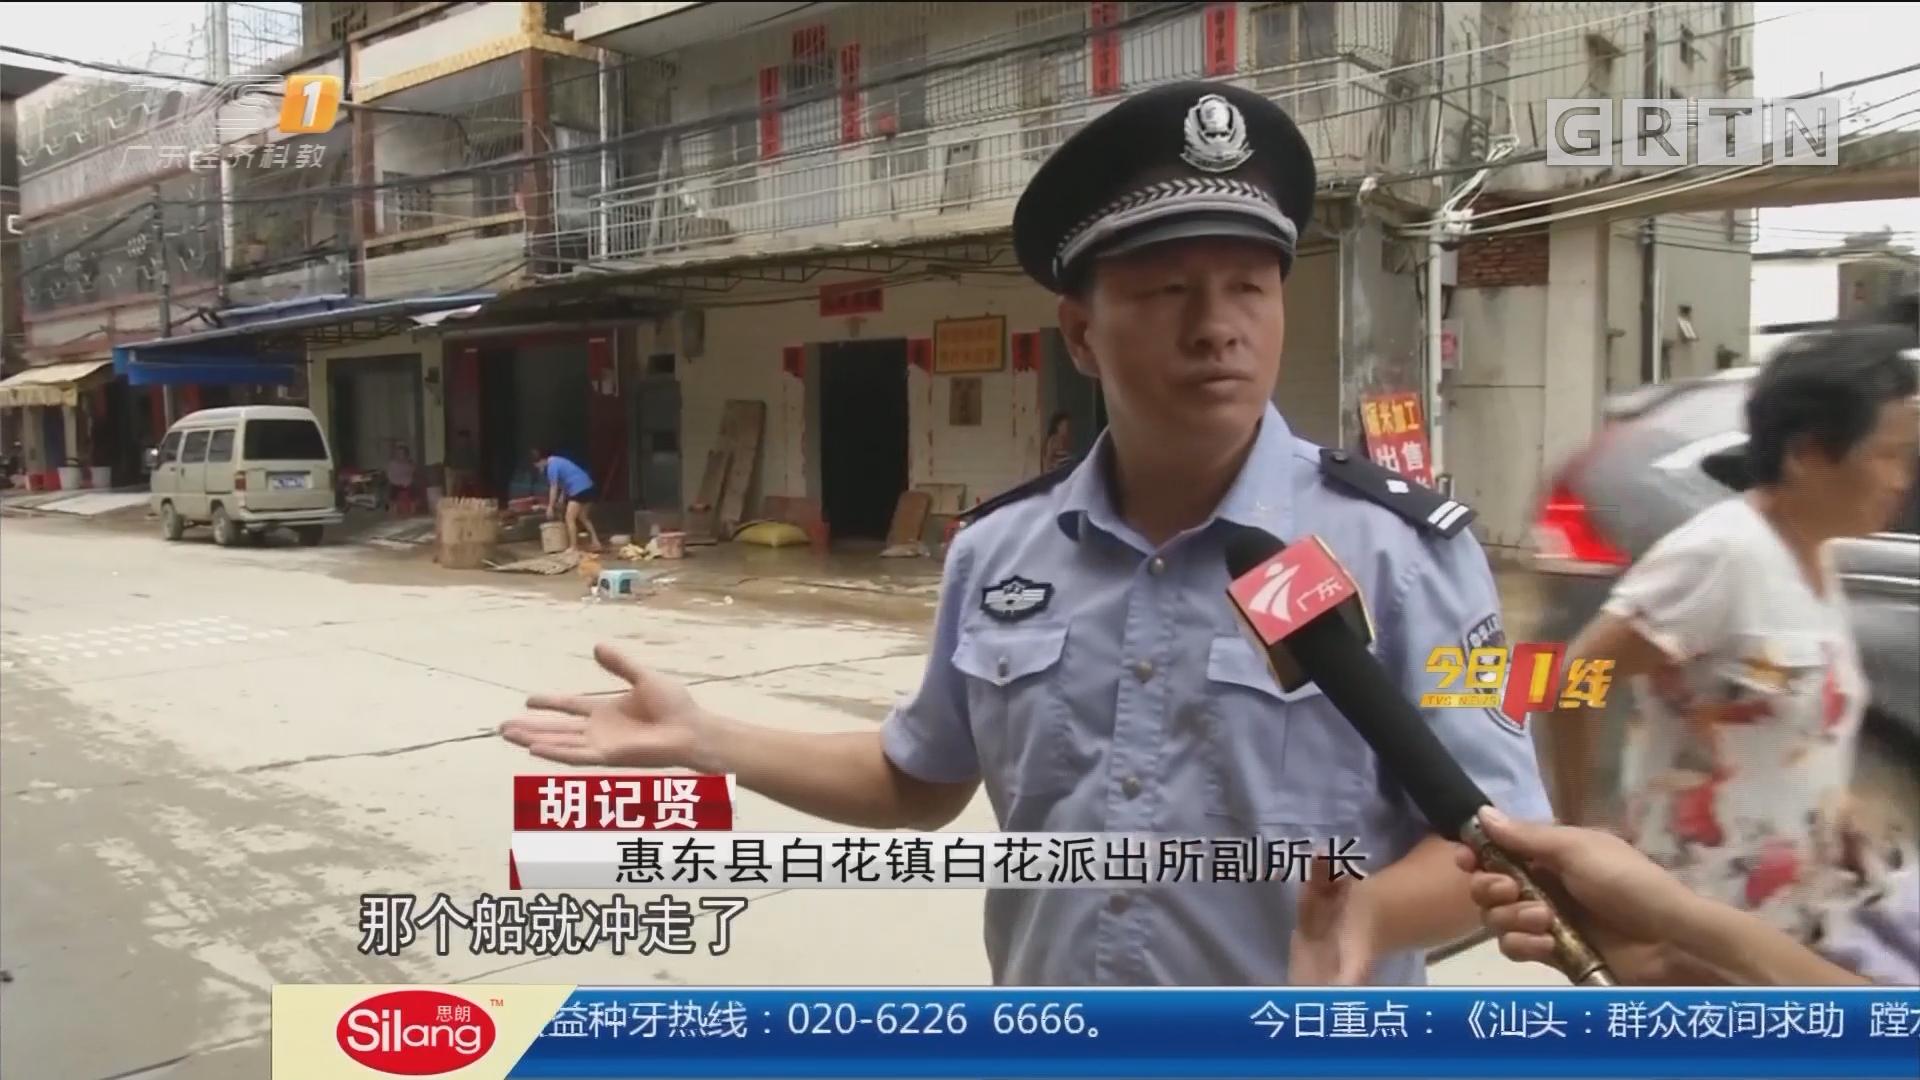 广东各地抢险救灾:惠州惠东县 冲锋舟死火 副所长下水栓绳遇险